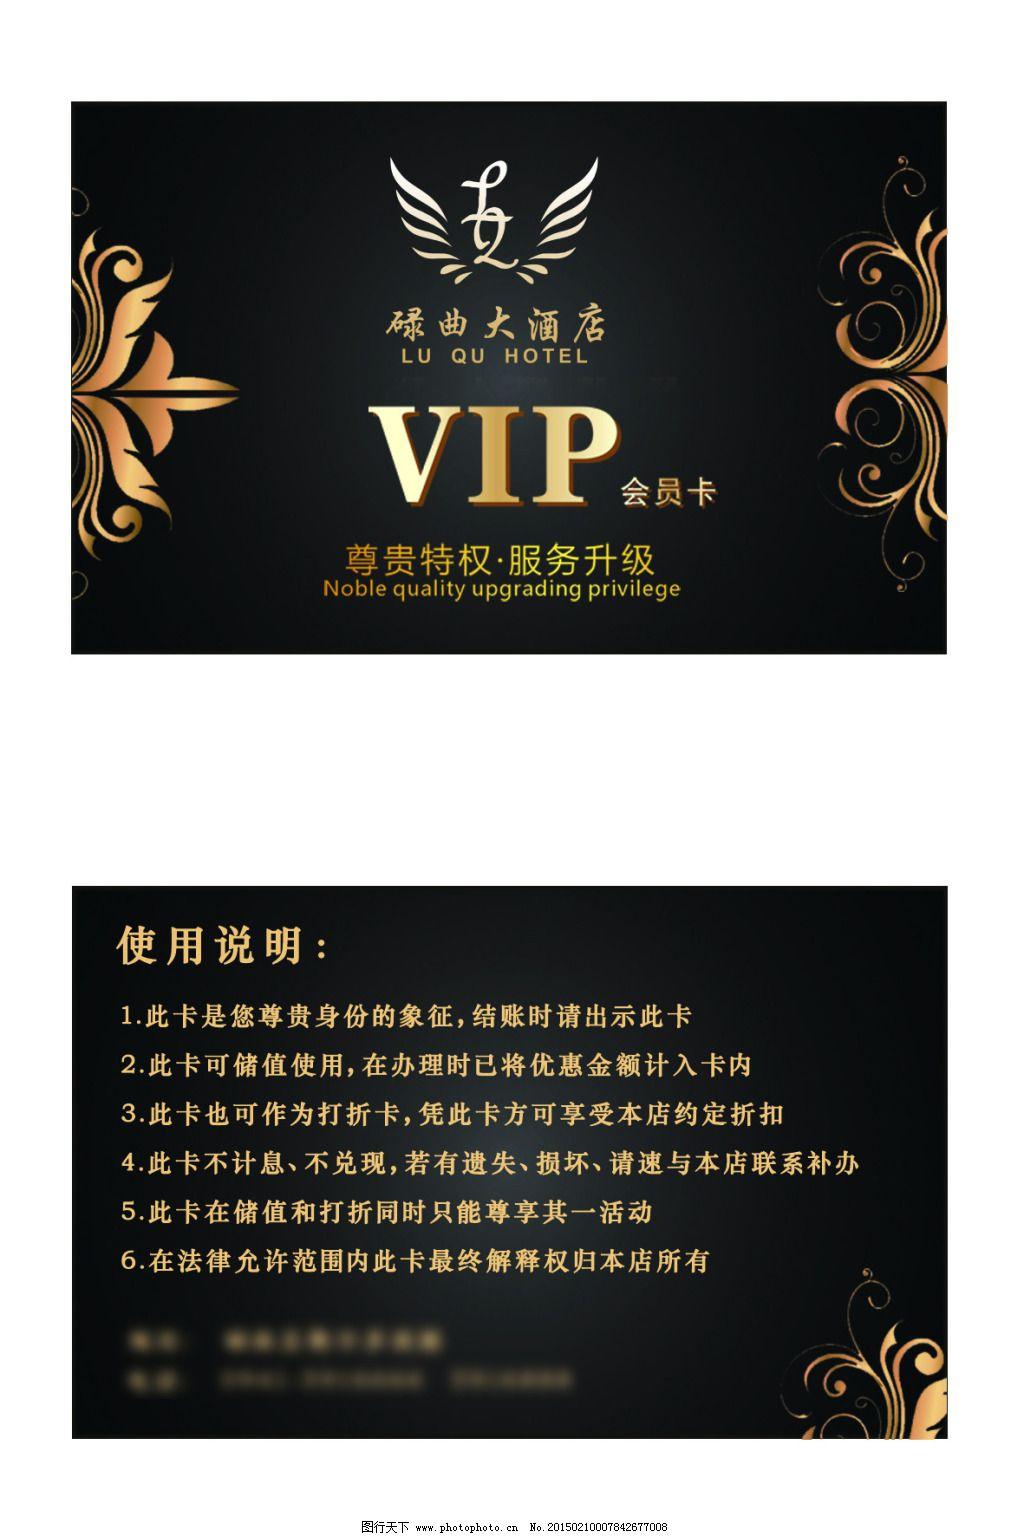 复古 酒店 欧式风格 酒店 欧式风格 复古 vip会员卡设计 名片|卡